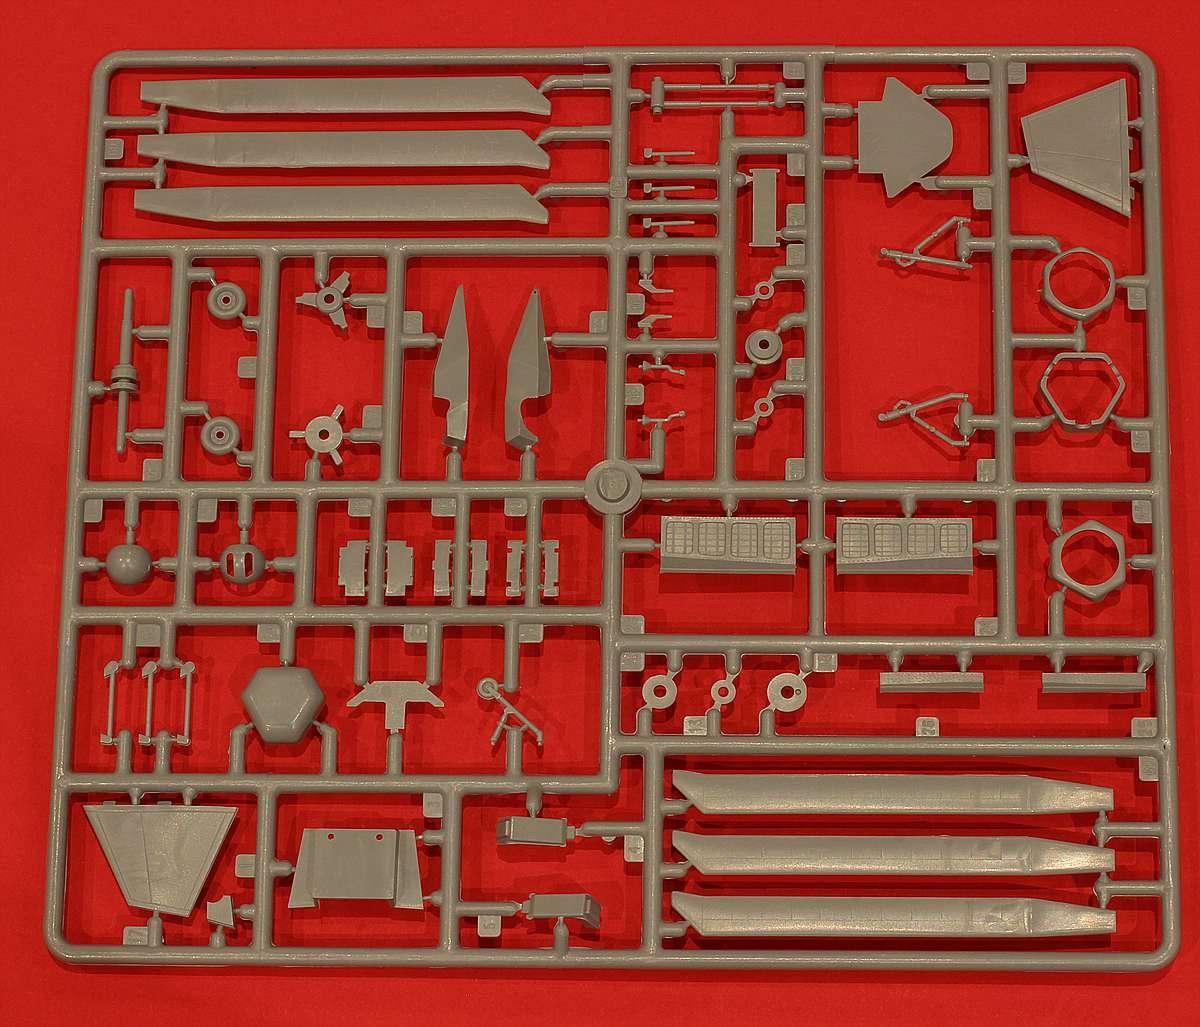 Revell-03889-Kamov-Ka-58 Kamov Ka-58 in 1:72 von Revell # 03889